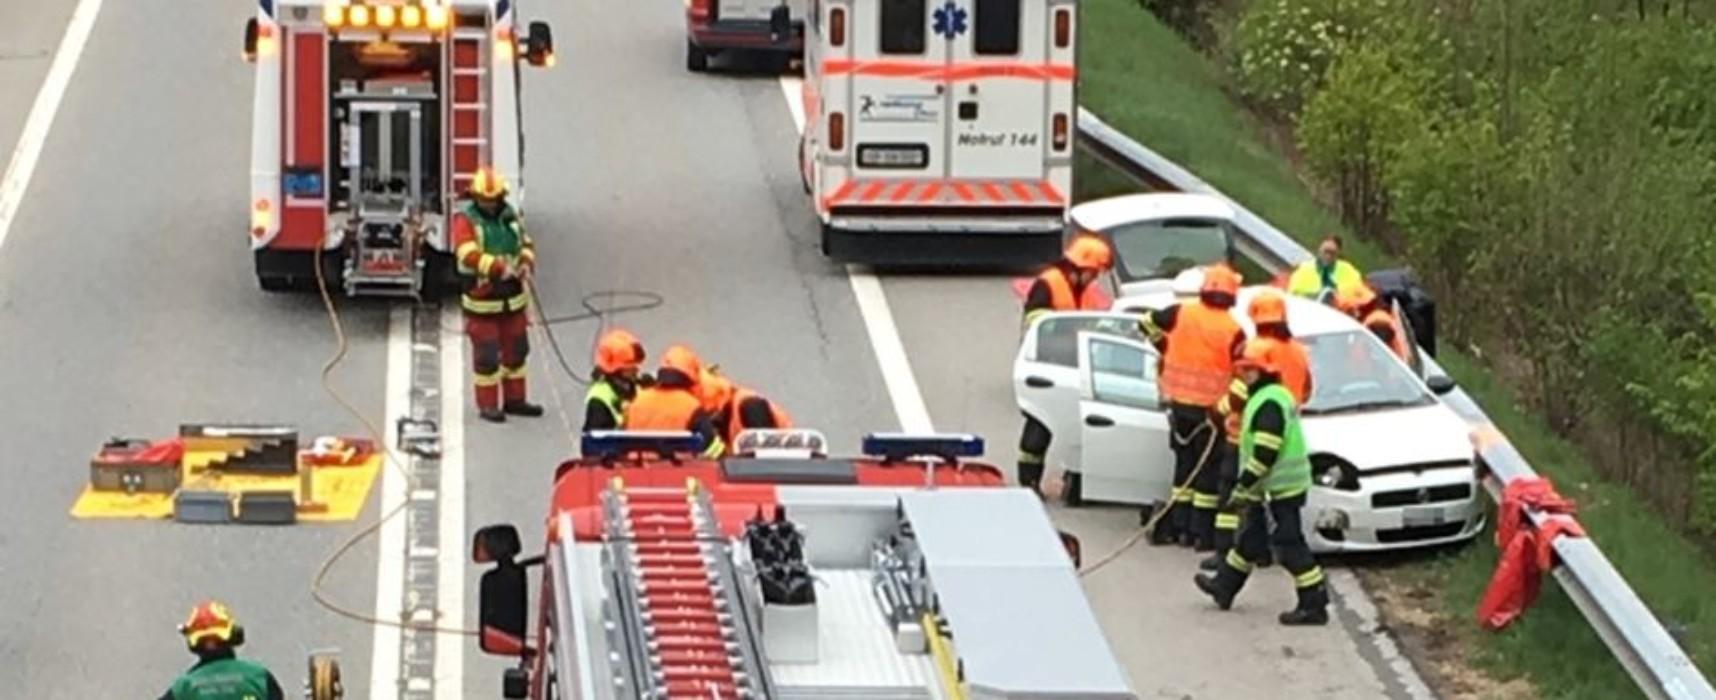 Unfall in Bonaduz vor Tunnel Plazzas: